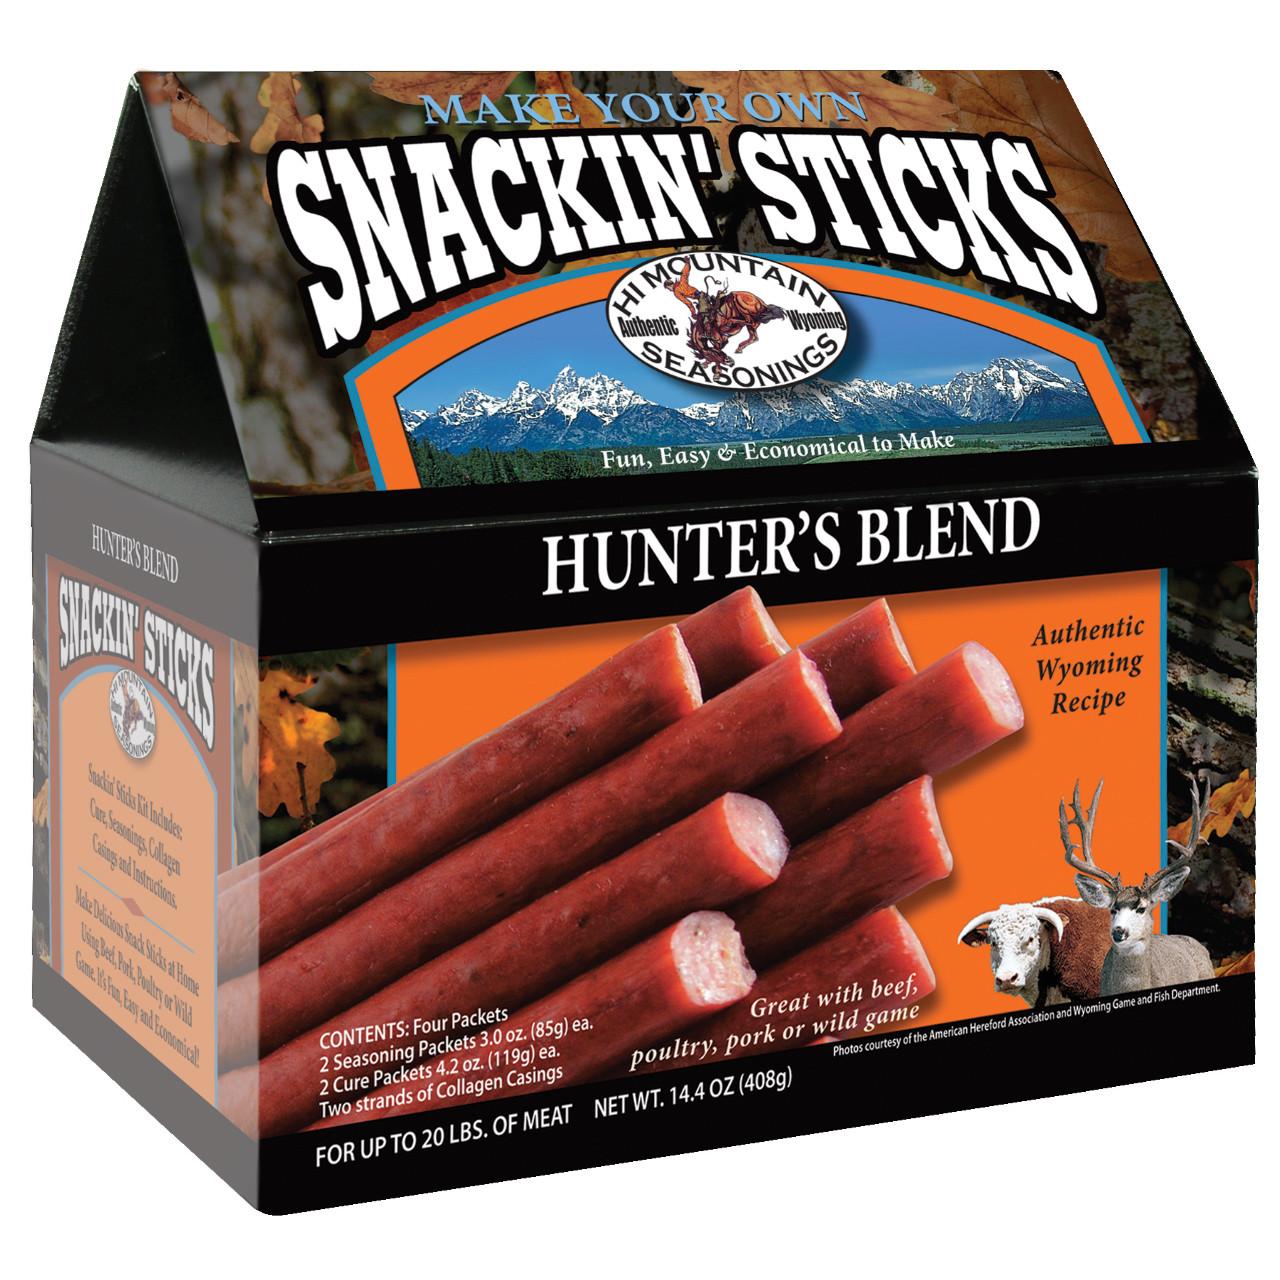 Hunter's Blend Snackin' Stick Kit